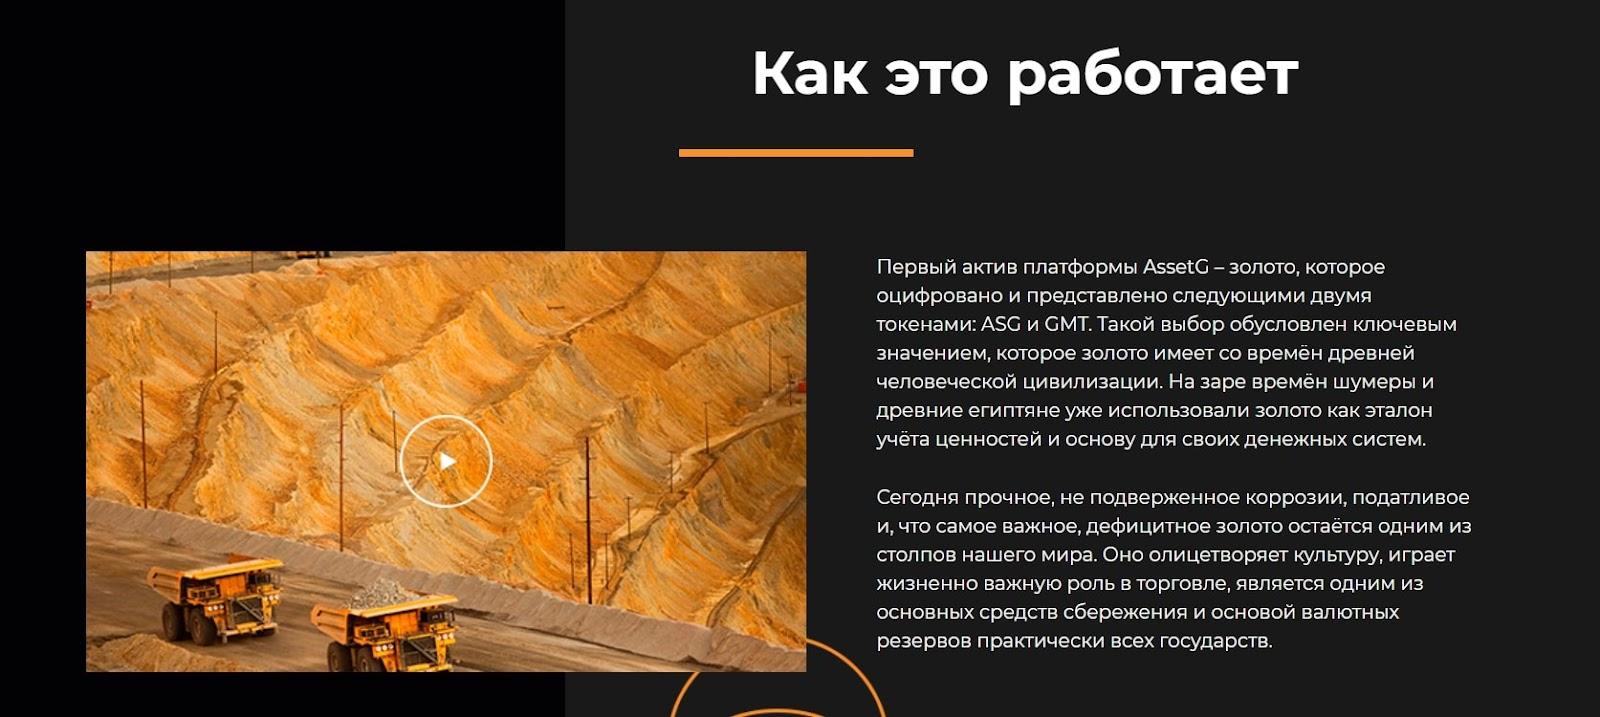 Обзор нового проекта AssetG.Finance: условия работы и отзывы экс-клиентов обзор